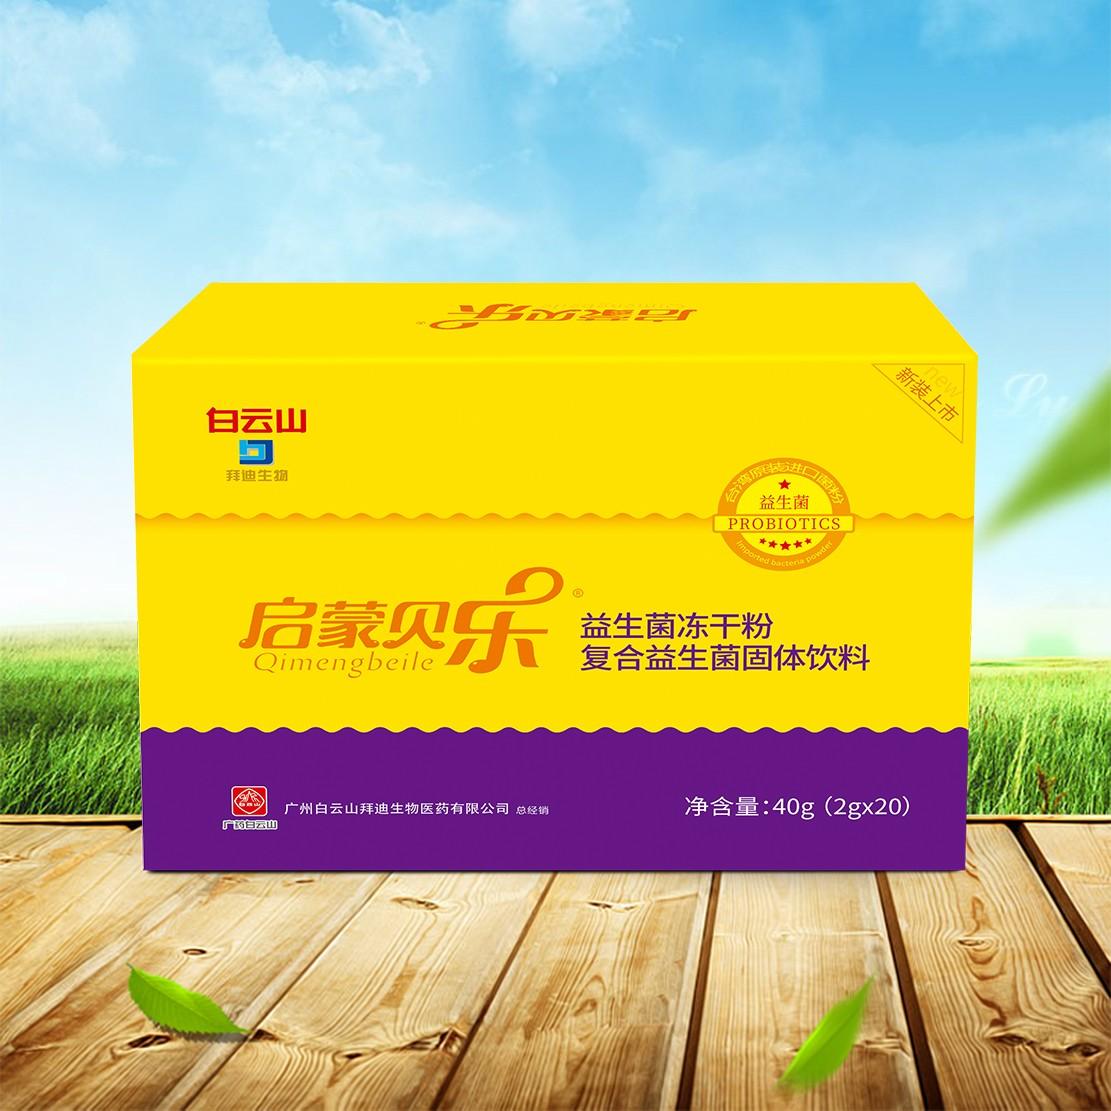 益生菌冻干粉20袋(包装升级)